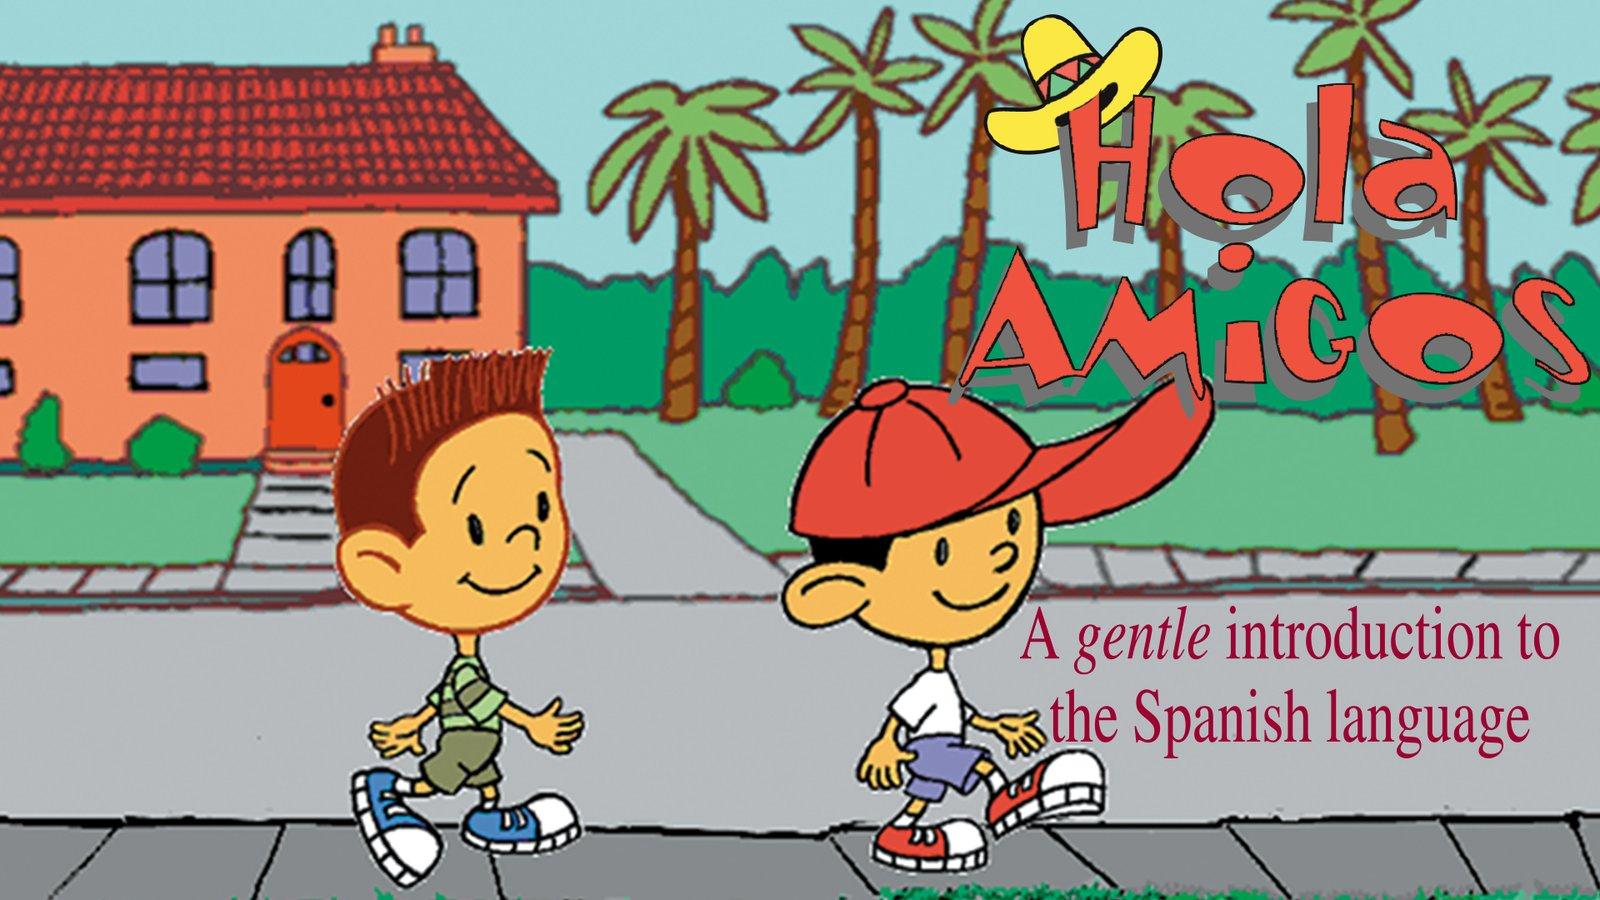 Hola Amigos - Learning to Speak Spanish